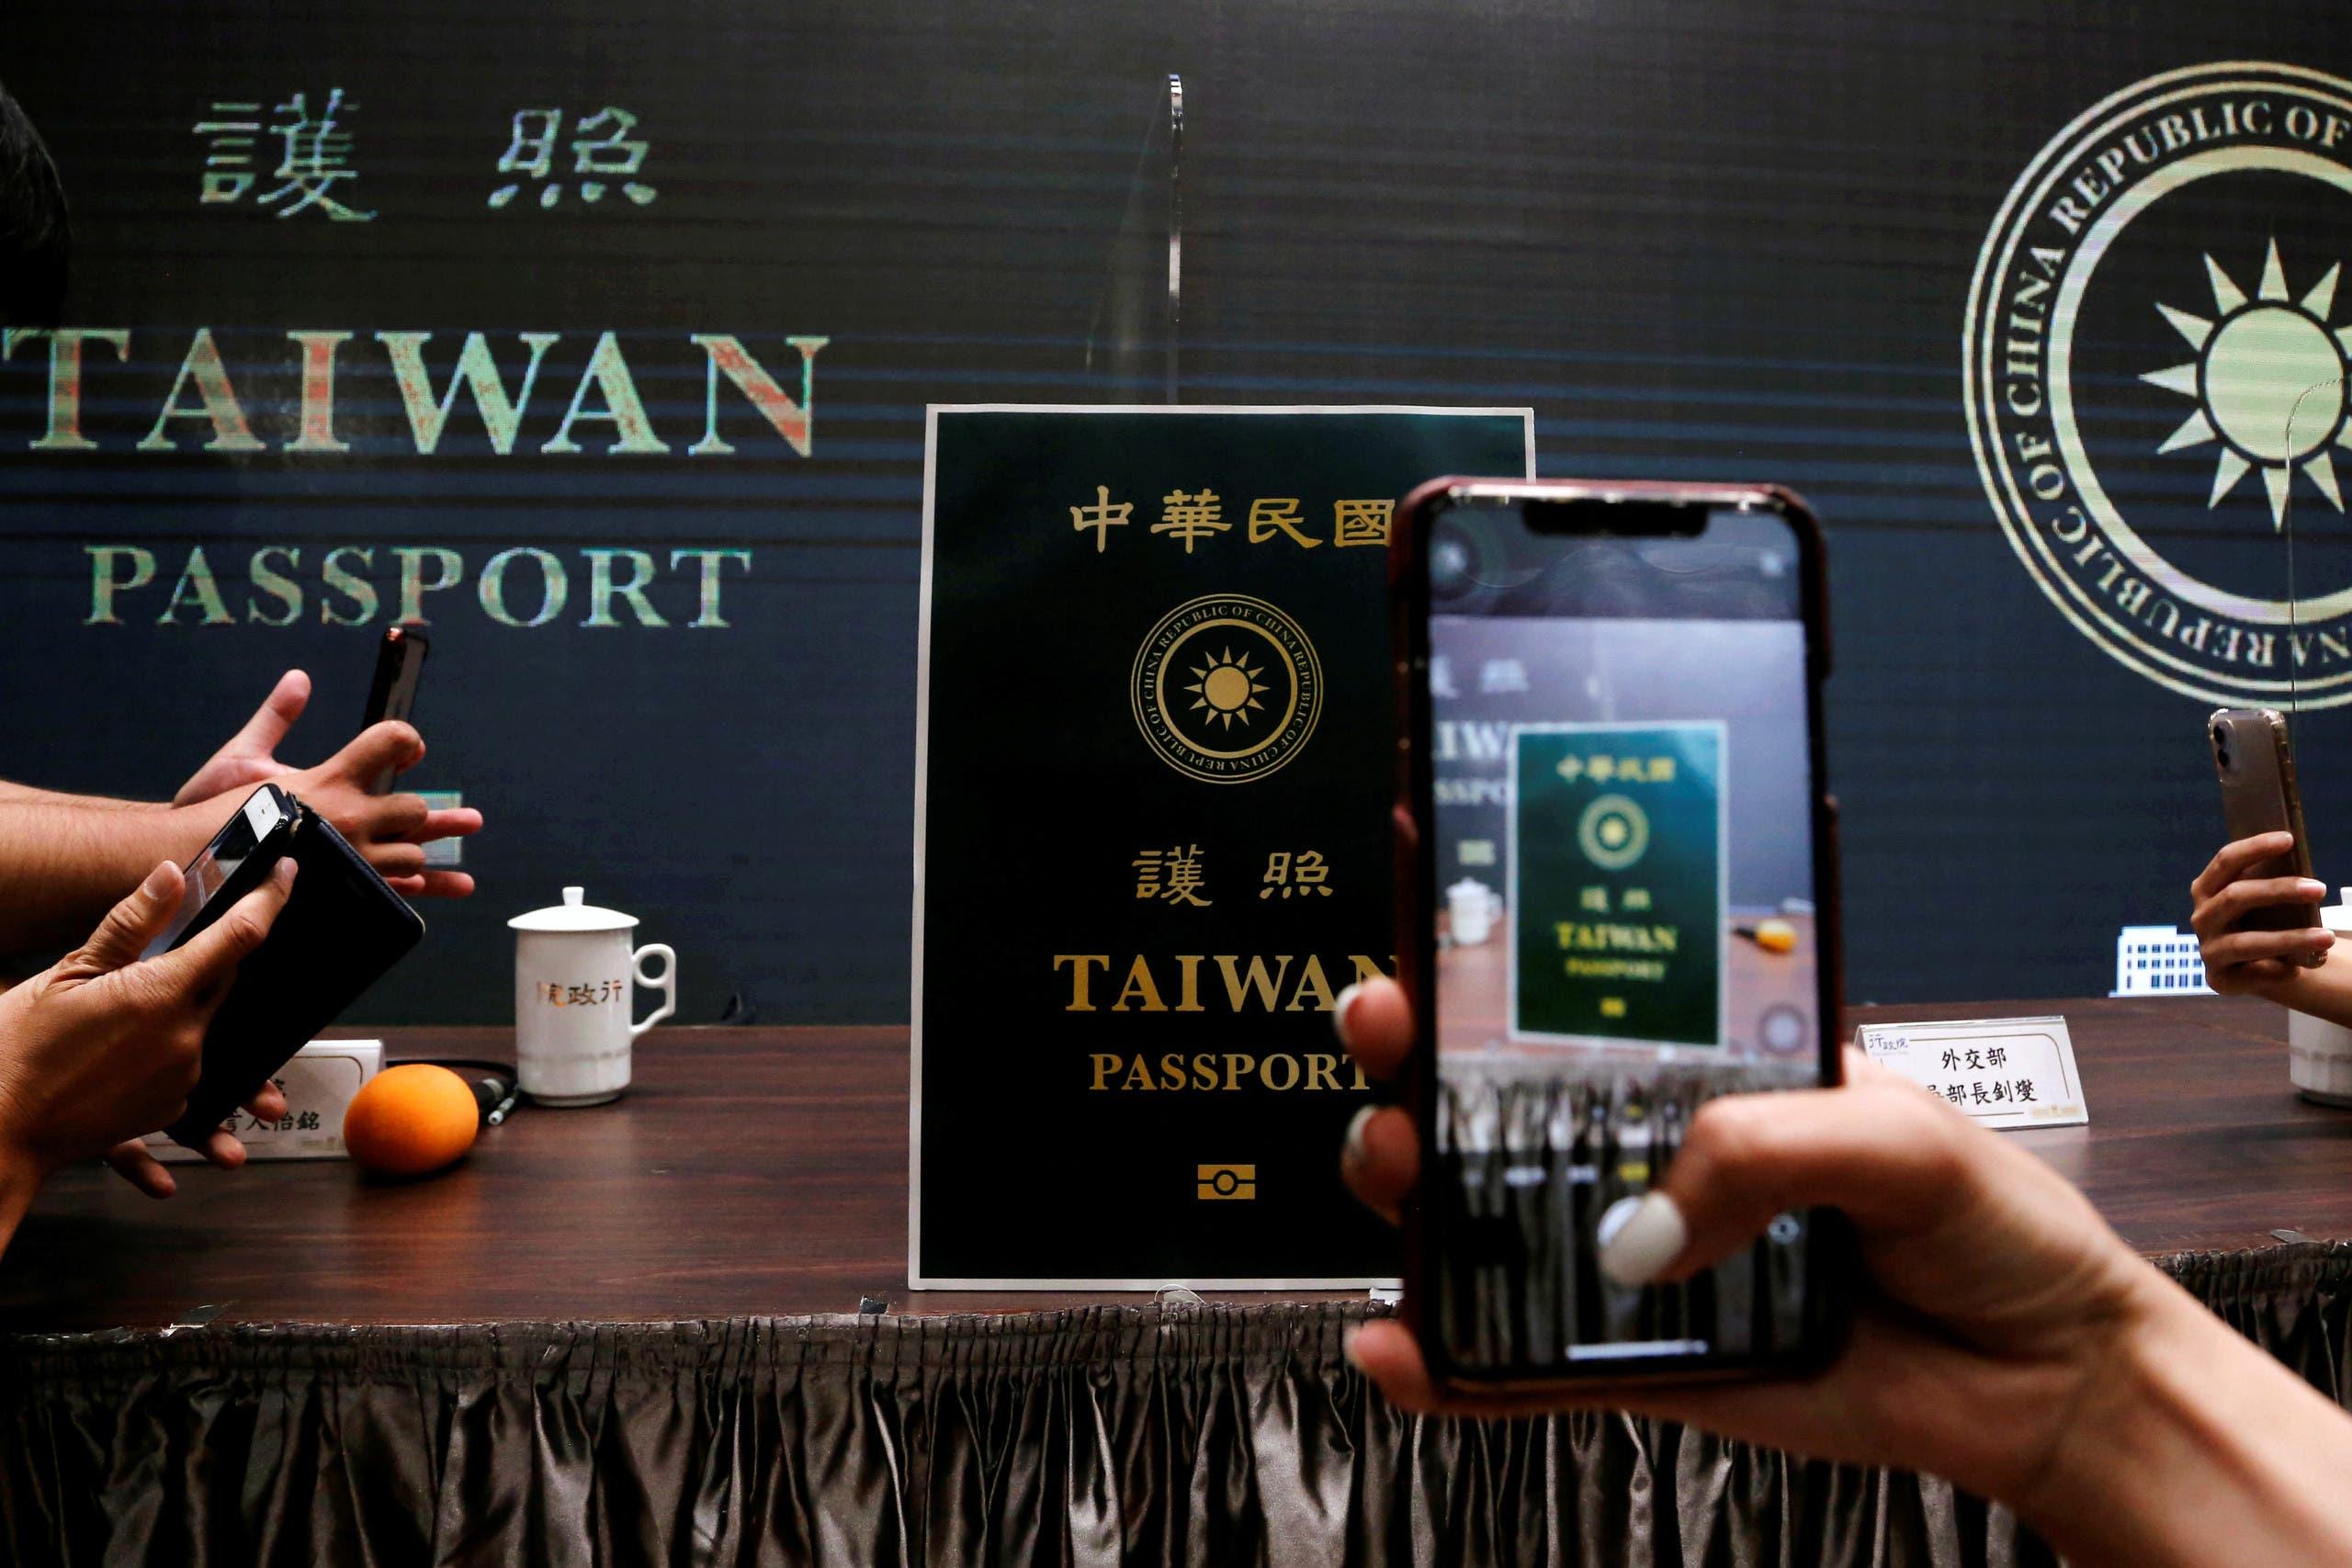 الإعلاميون يطلعون على التصميم الجديد لجواز السفير التايواني